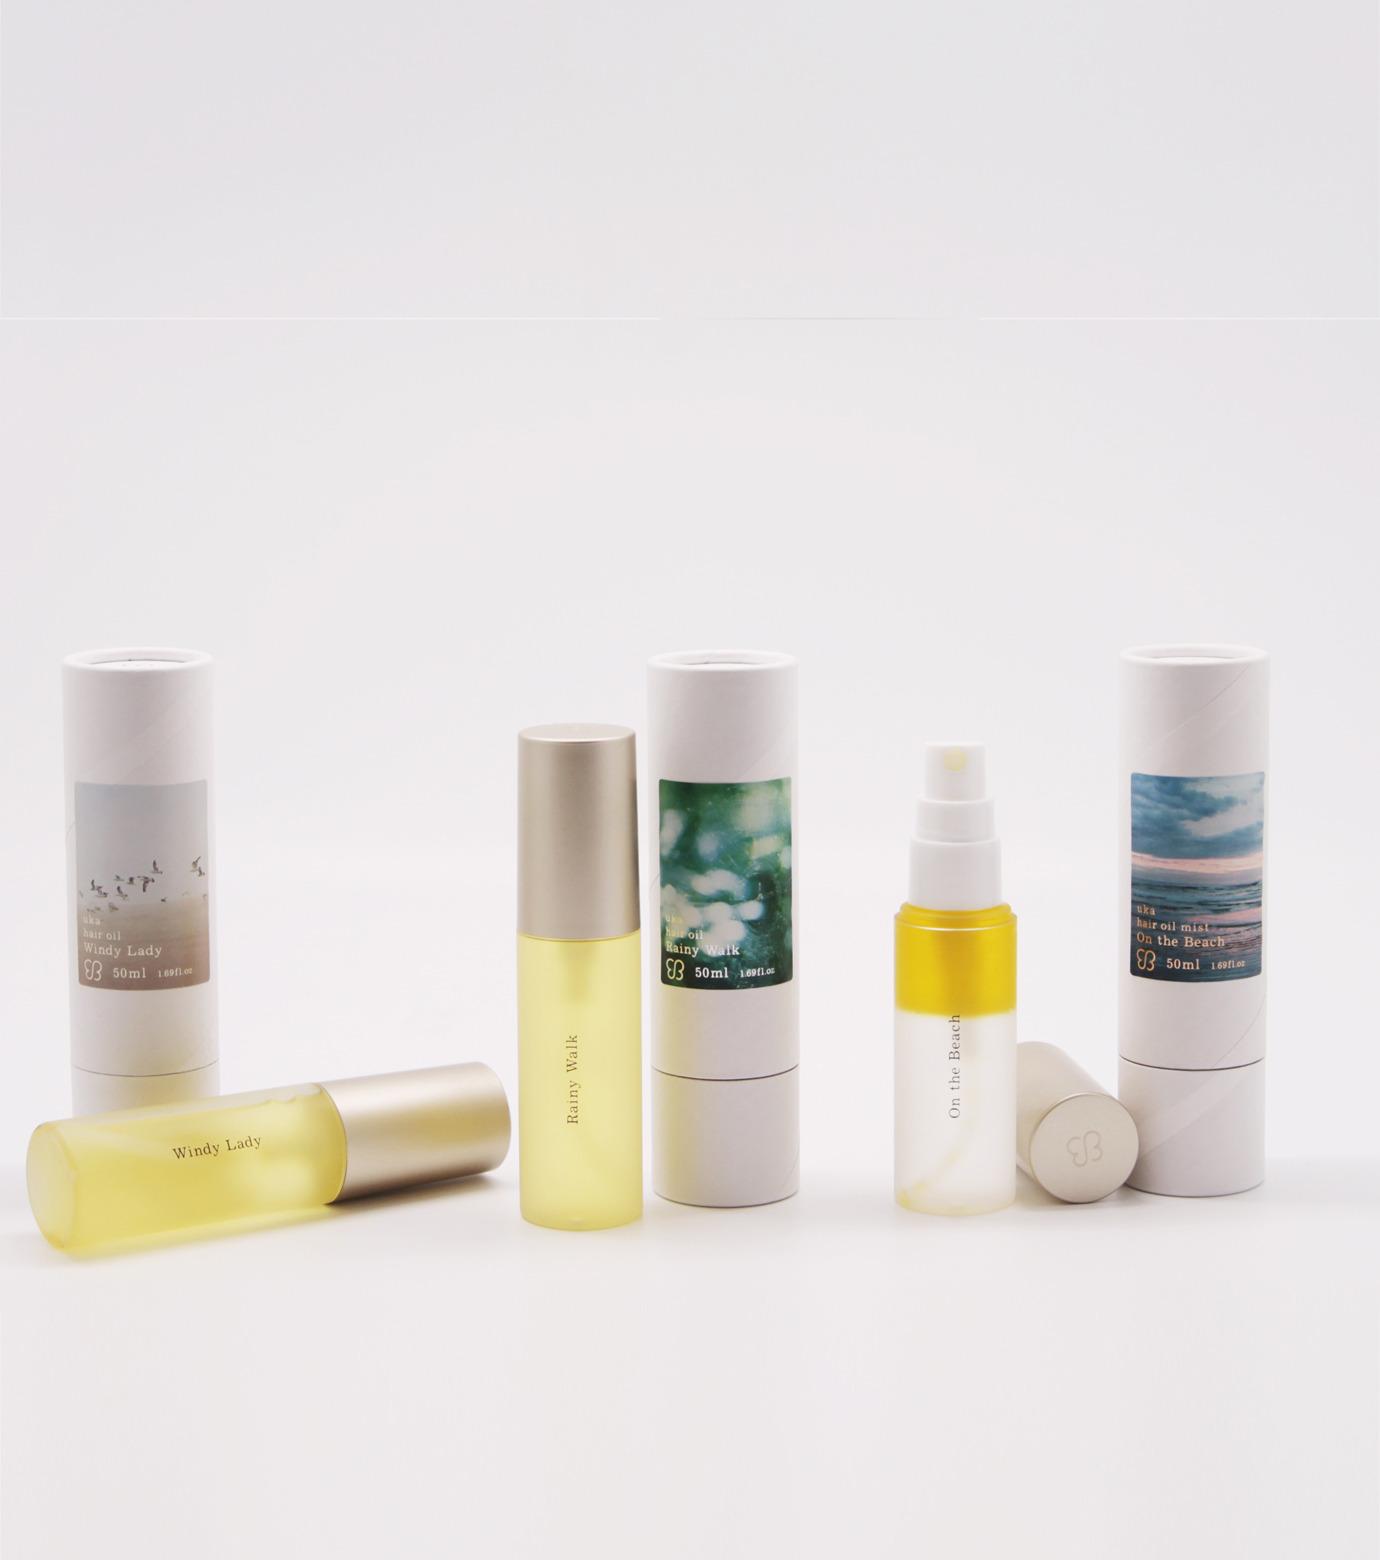 uka(ウカ)のHair oil Mist On the Beach-WHITE(HAIR-CARE/HAIR-CARE)-3000017-4 拡大詳細画像3